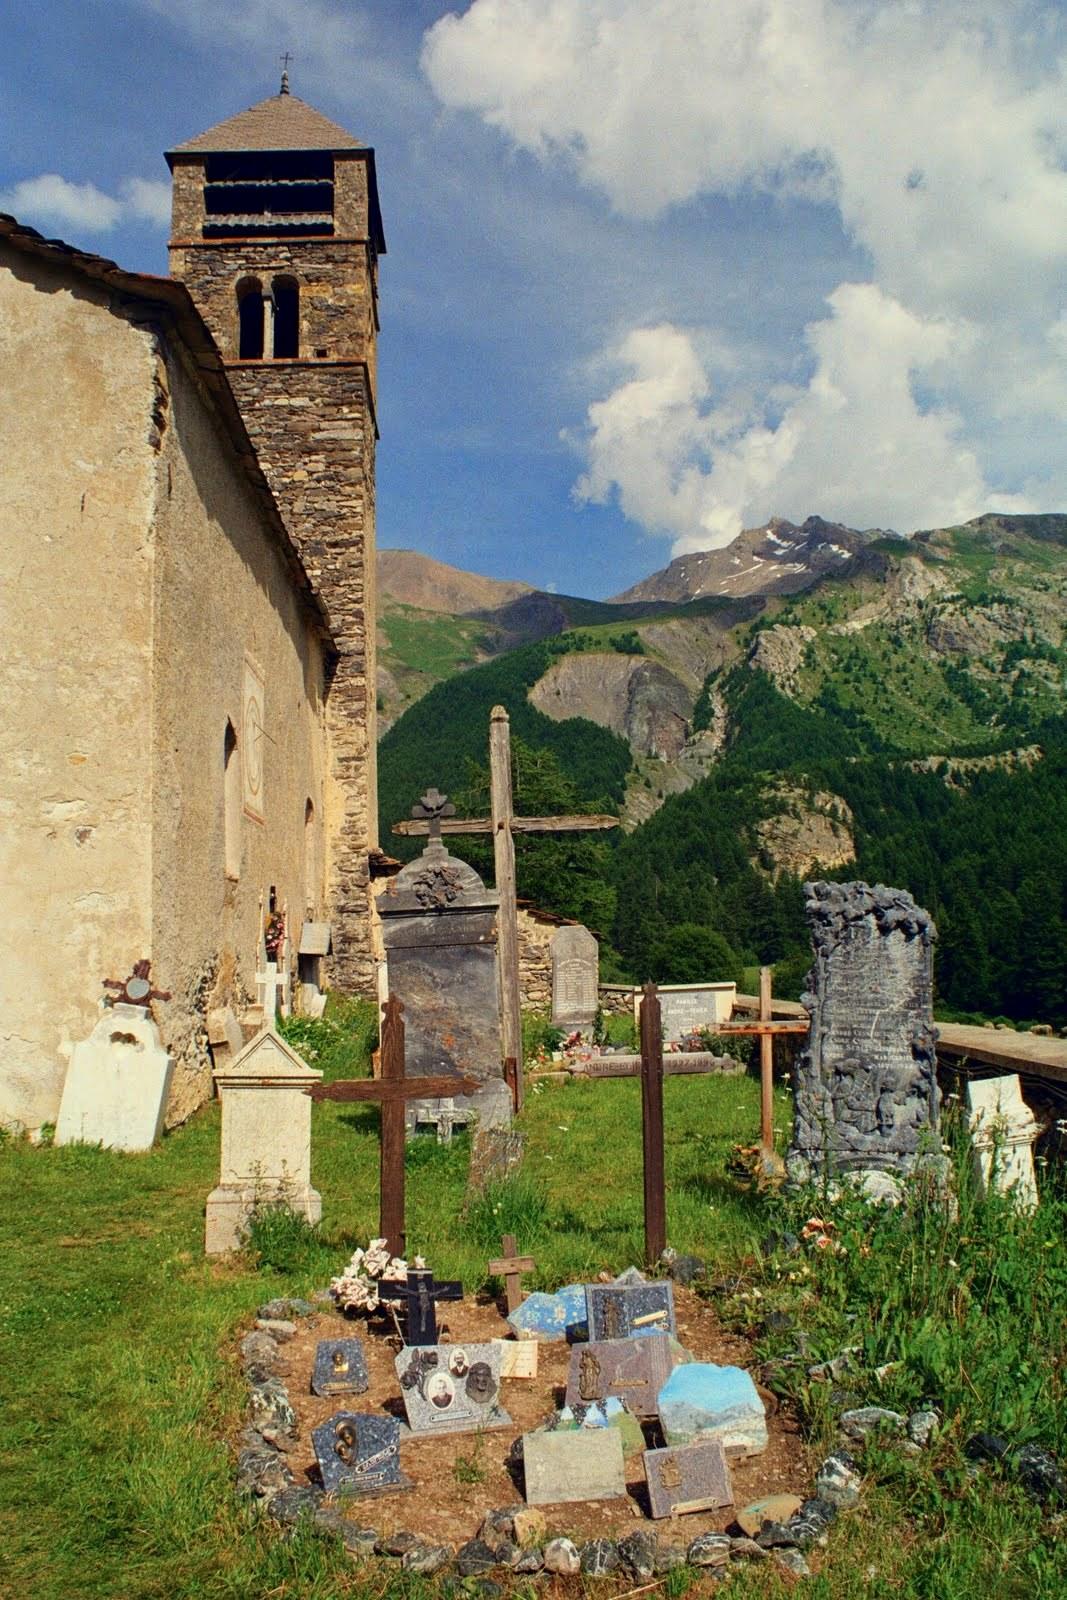 Kościół w Maljasset w dolinie Ubaye, Alpy